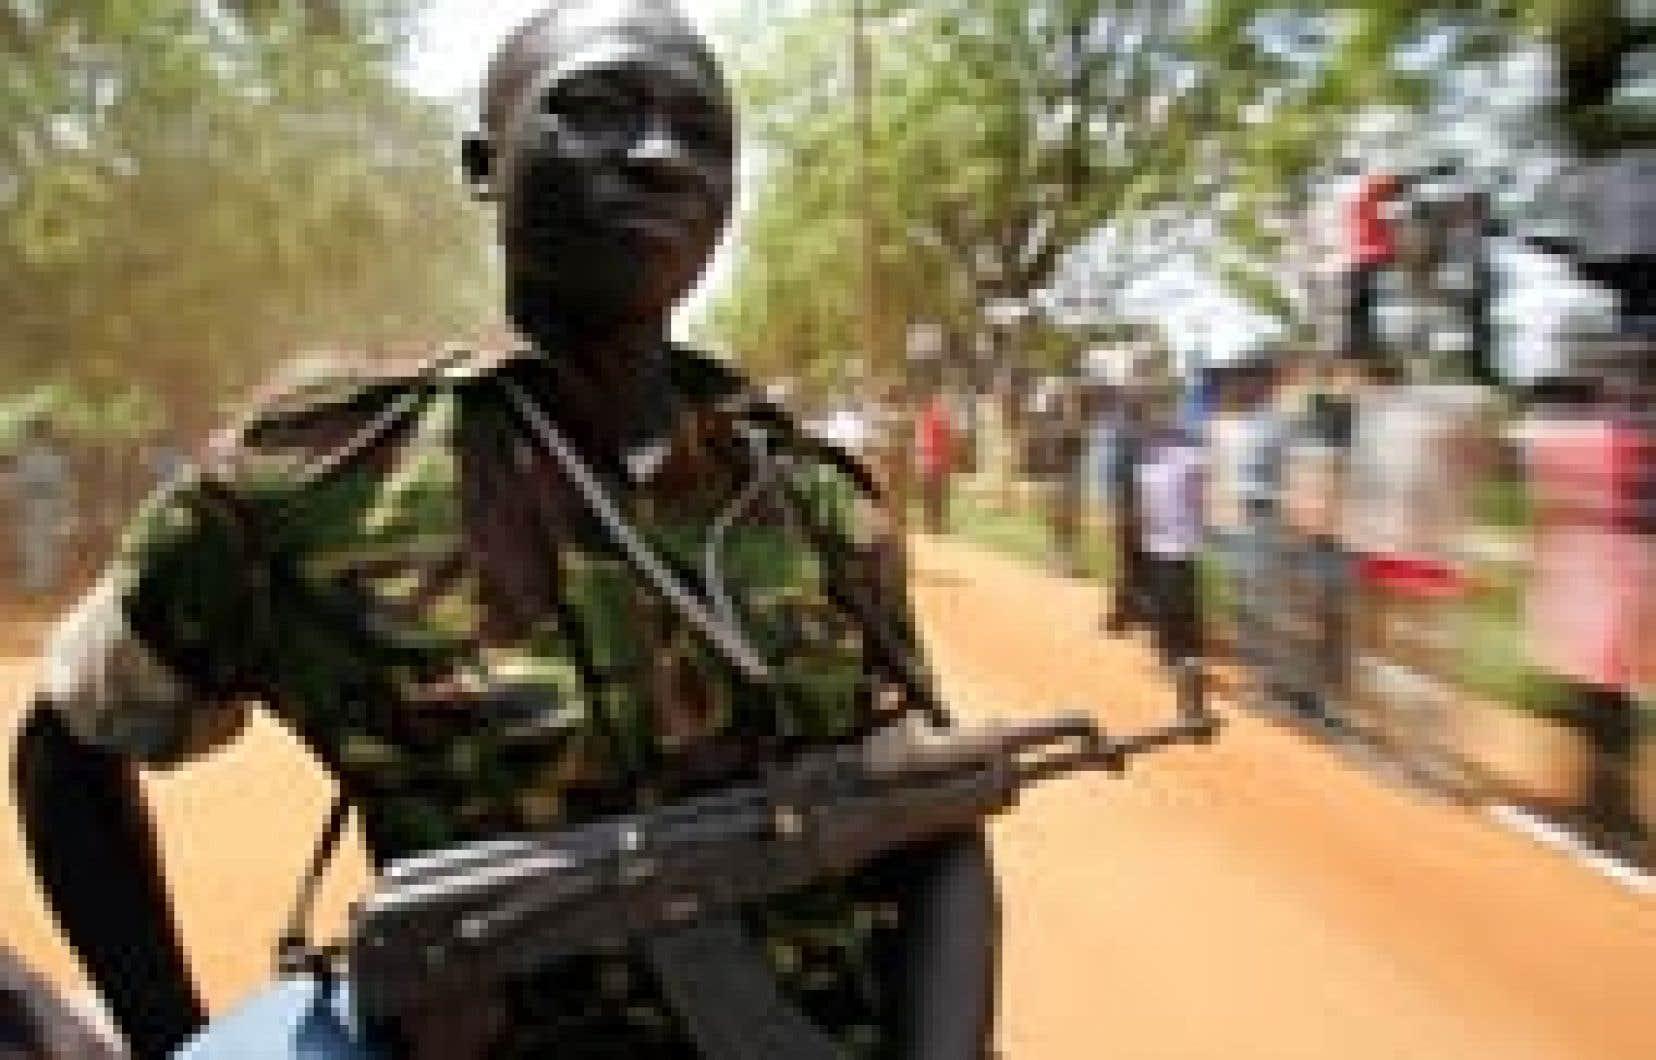 Le Mouvement de libération du Soudan est de plus en plus tiraillé entre ses composantes four et zaghawa, les deux grandes tribus africaines qui le composent.